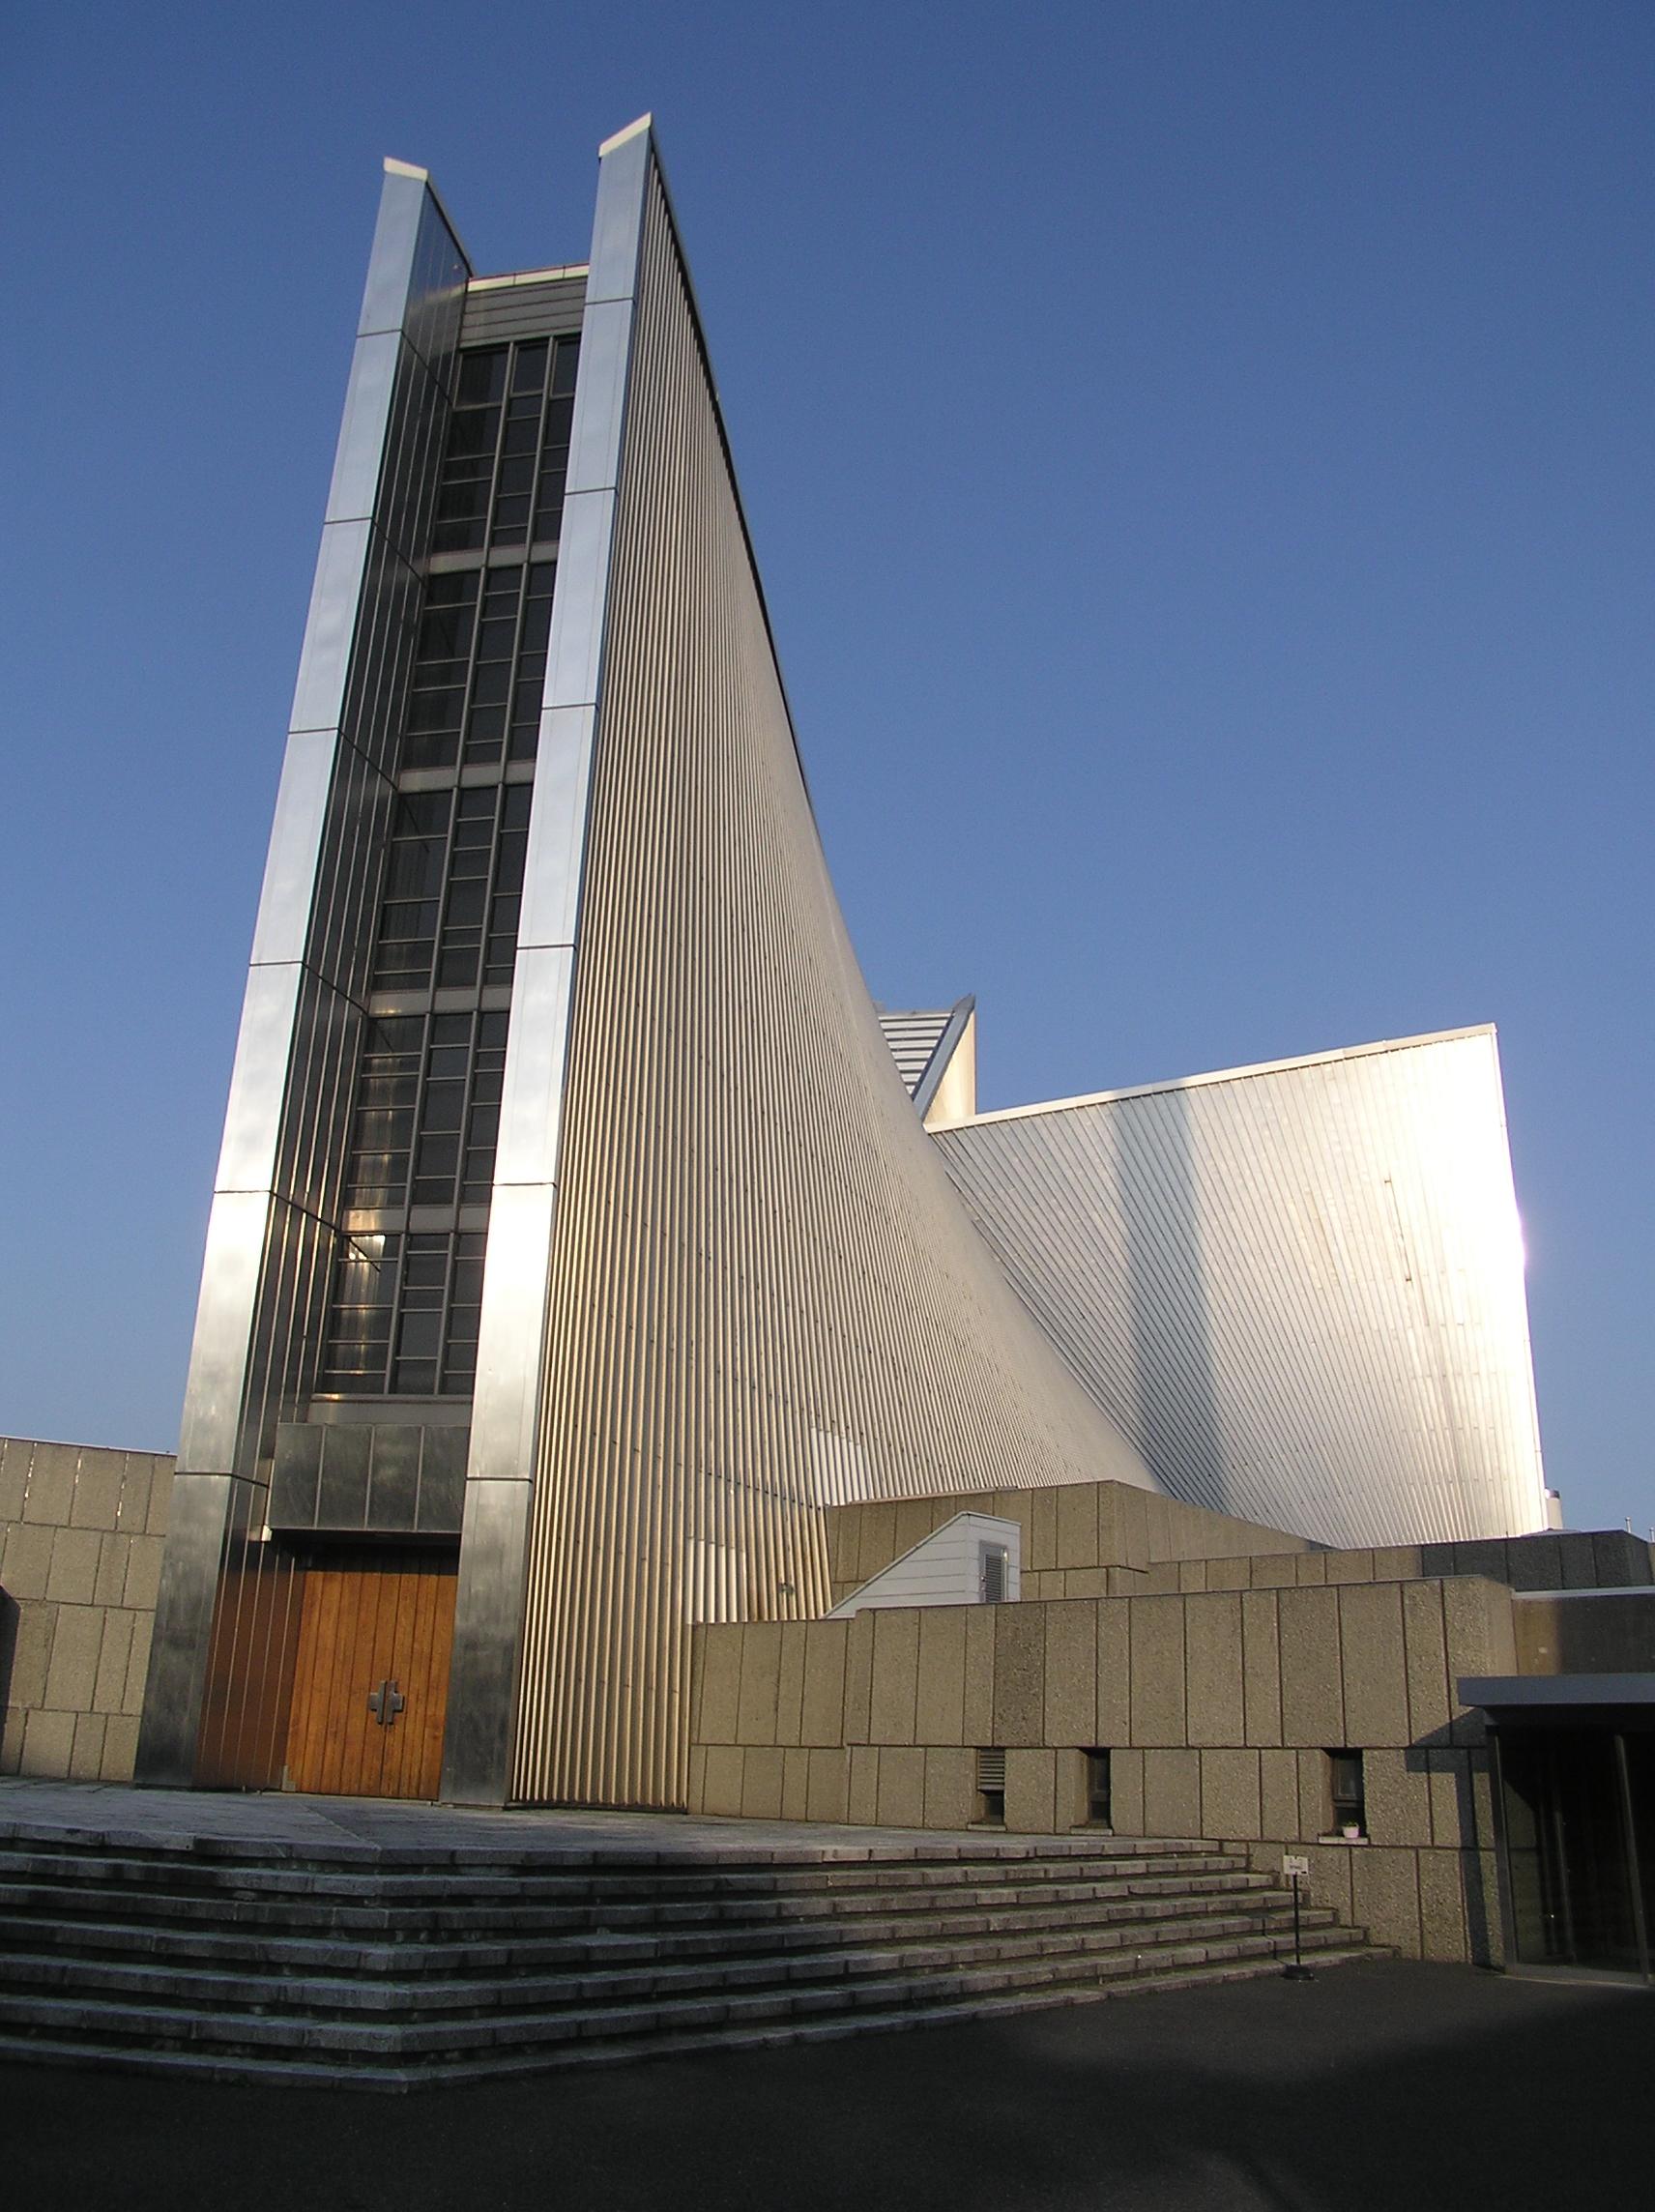 Catedral de Santa María de Tokio - Wikipedia, la